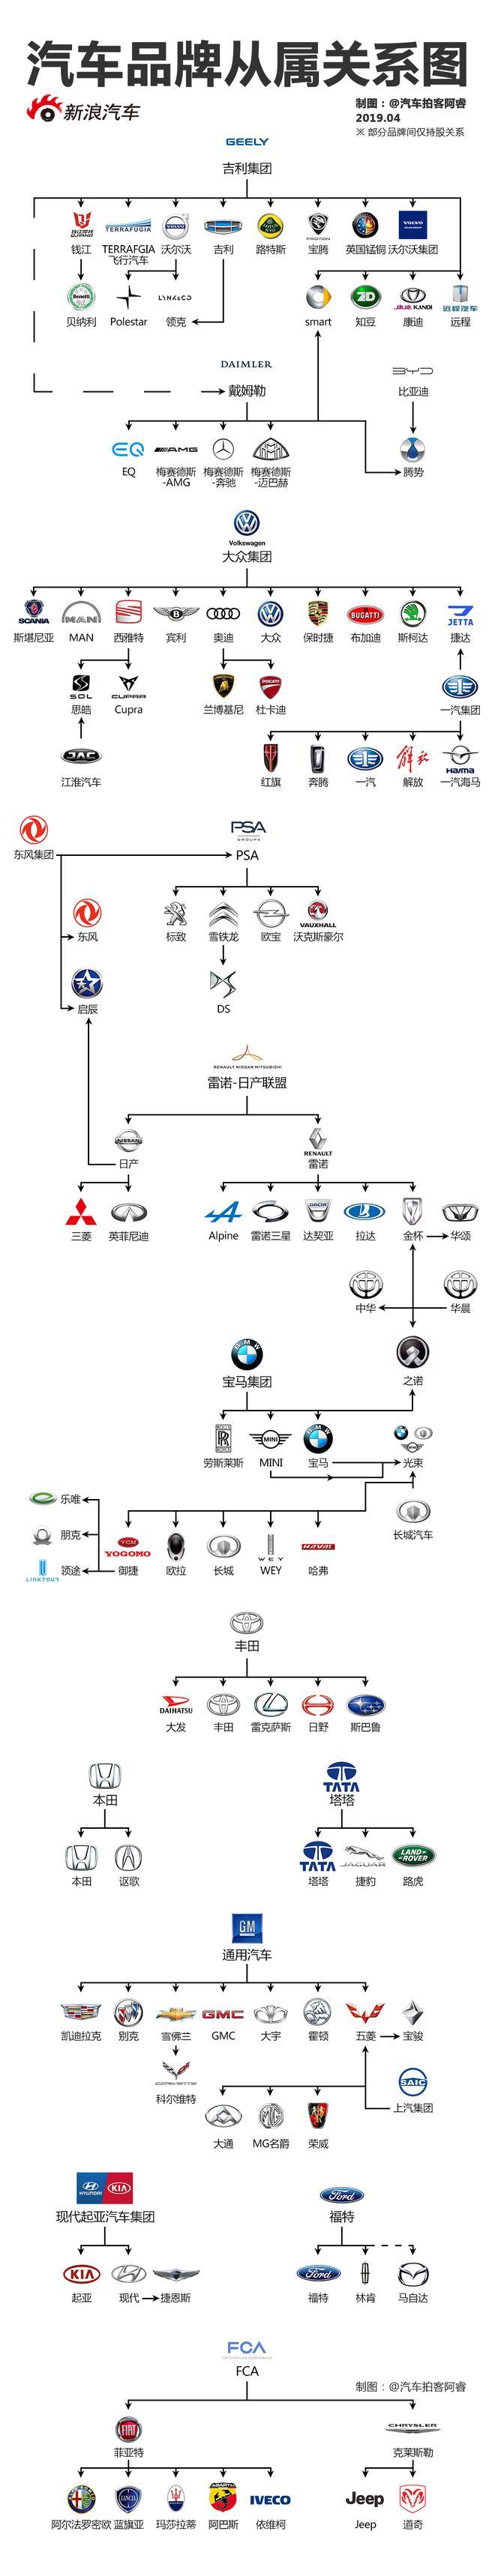 快速理清那些你不知道的汽车品牌关系